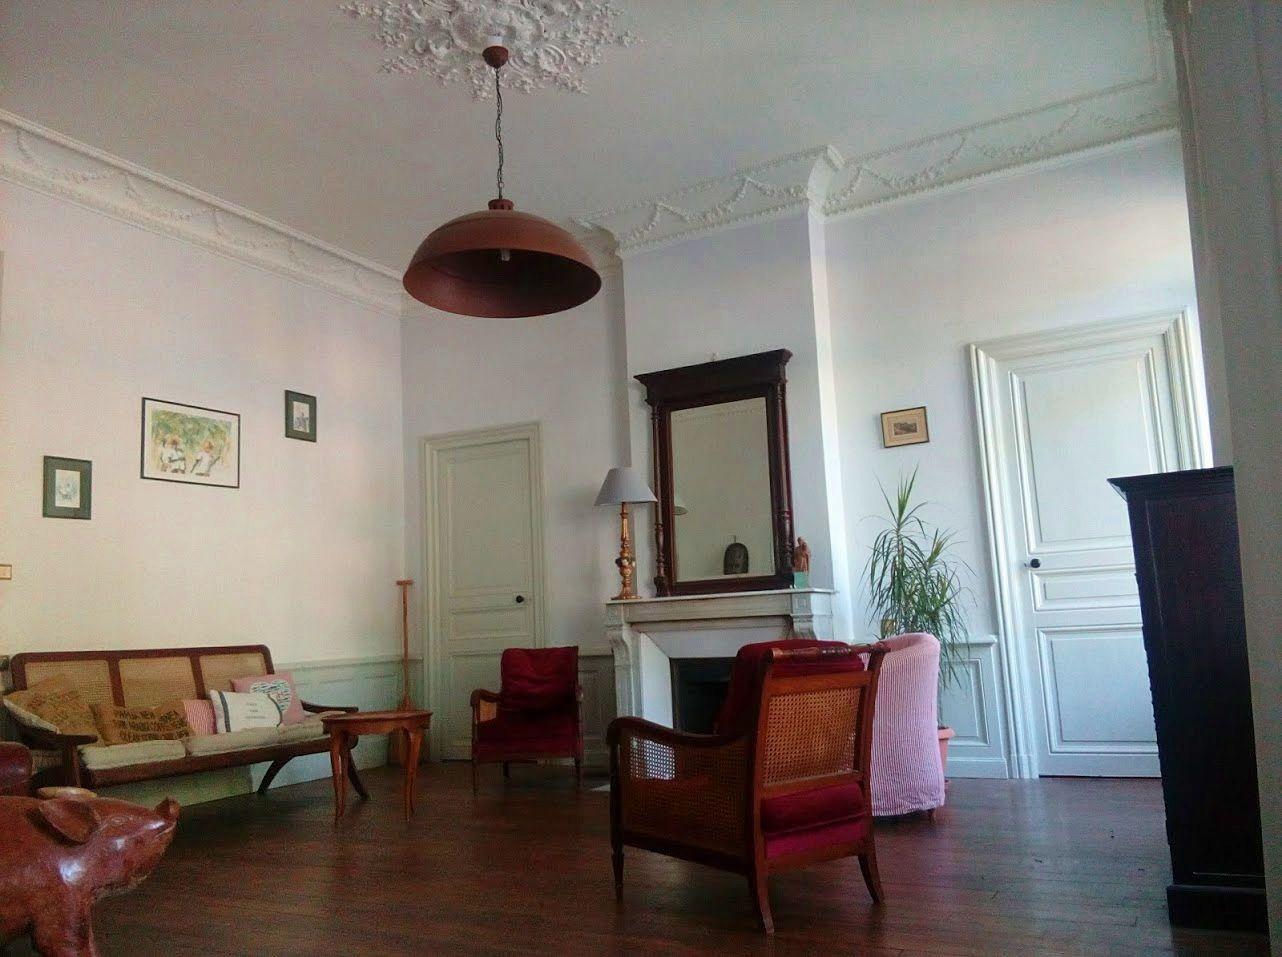 Vends appartement, 154m² Idéal profession libérale, bureaux, coworking - Clermont-Ferrand (63)